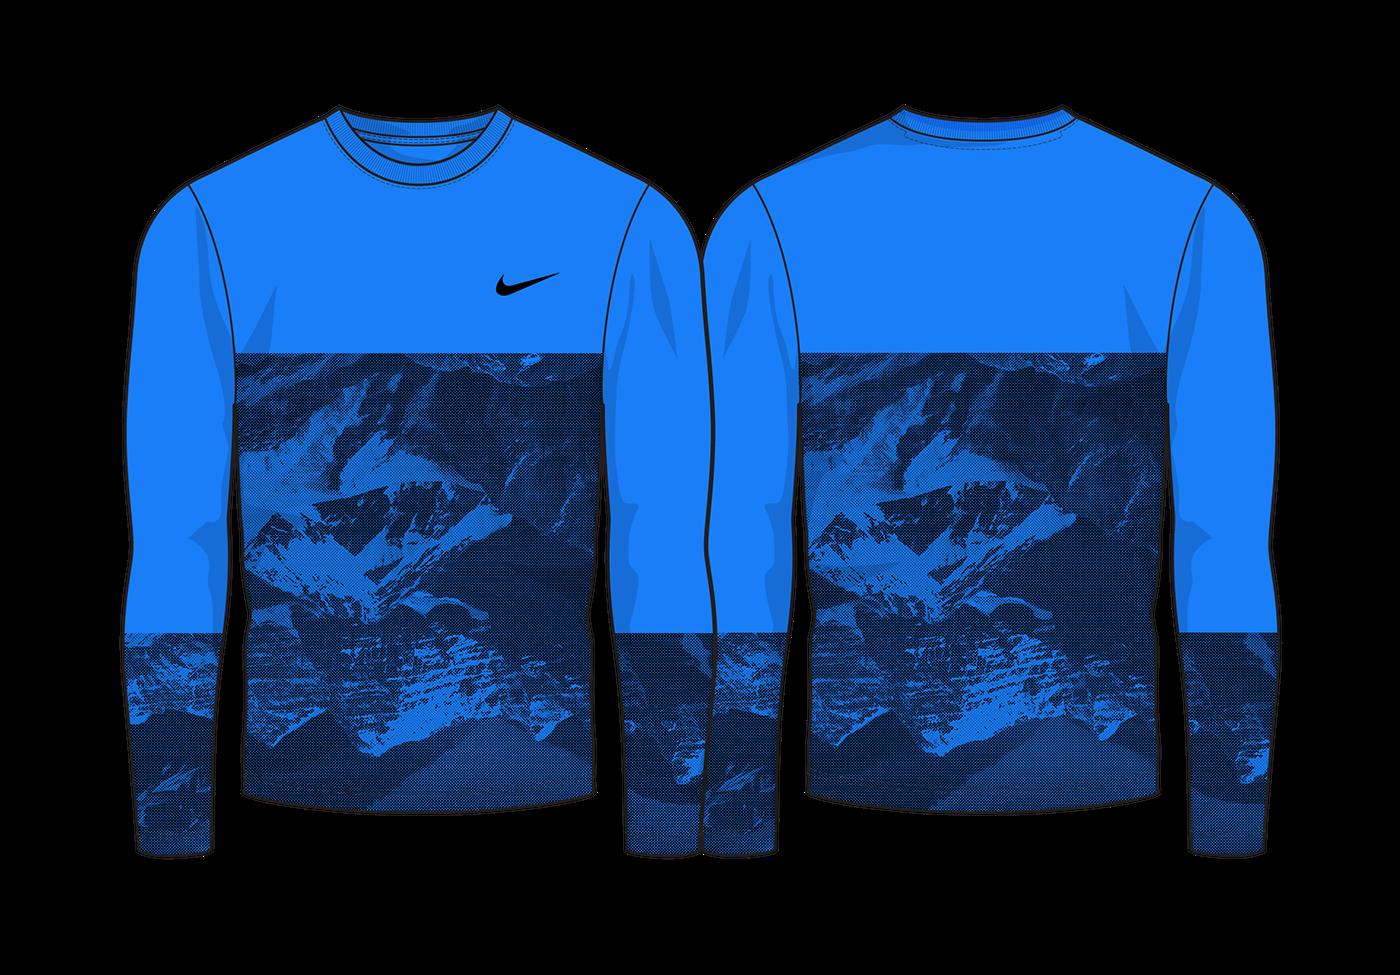 Nike apparel Clothing athletics tshirt